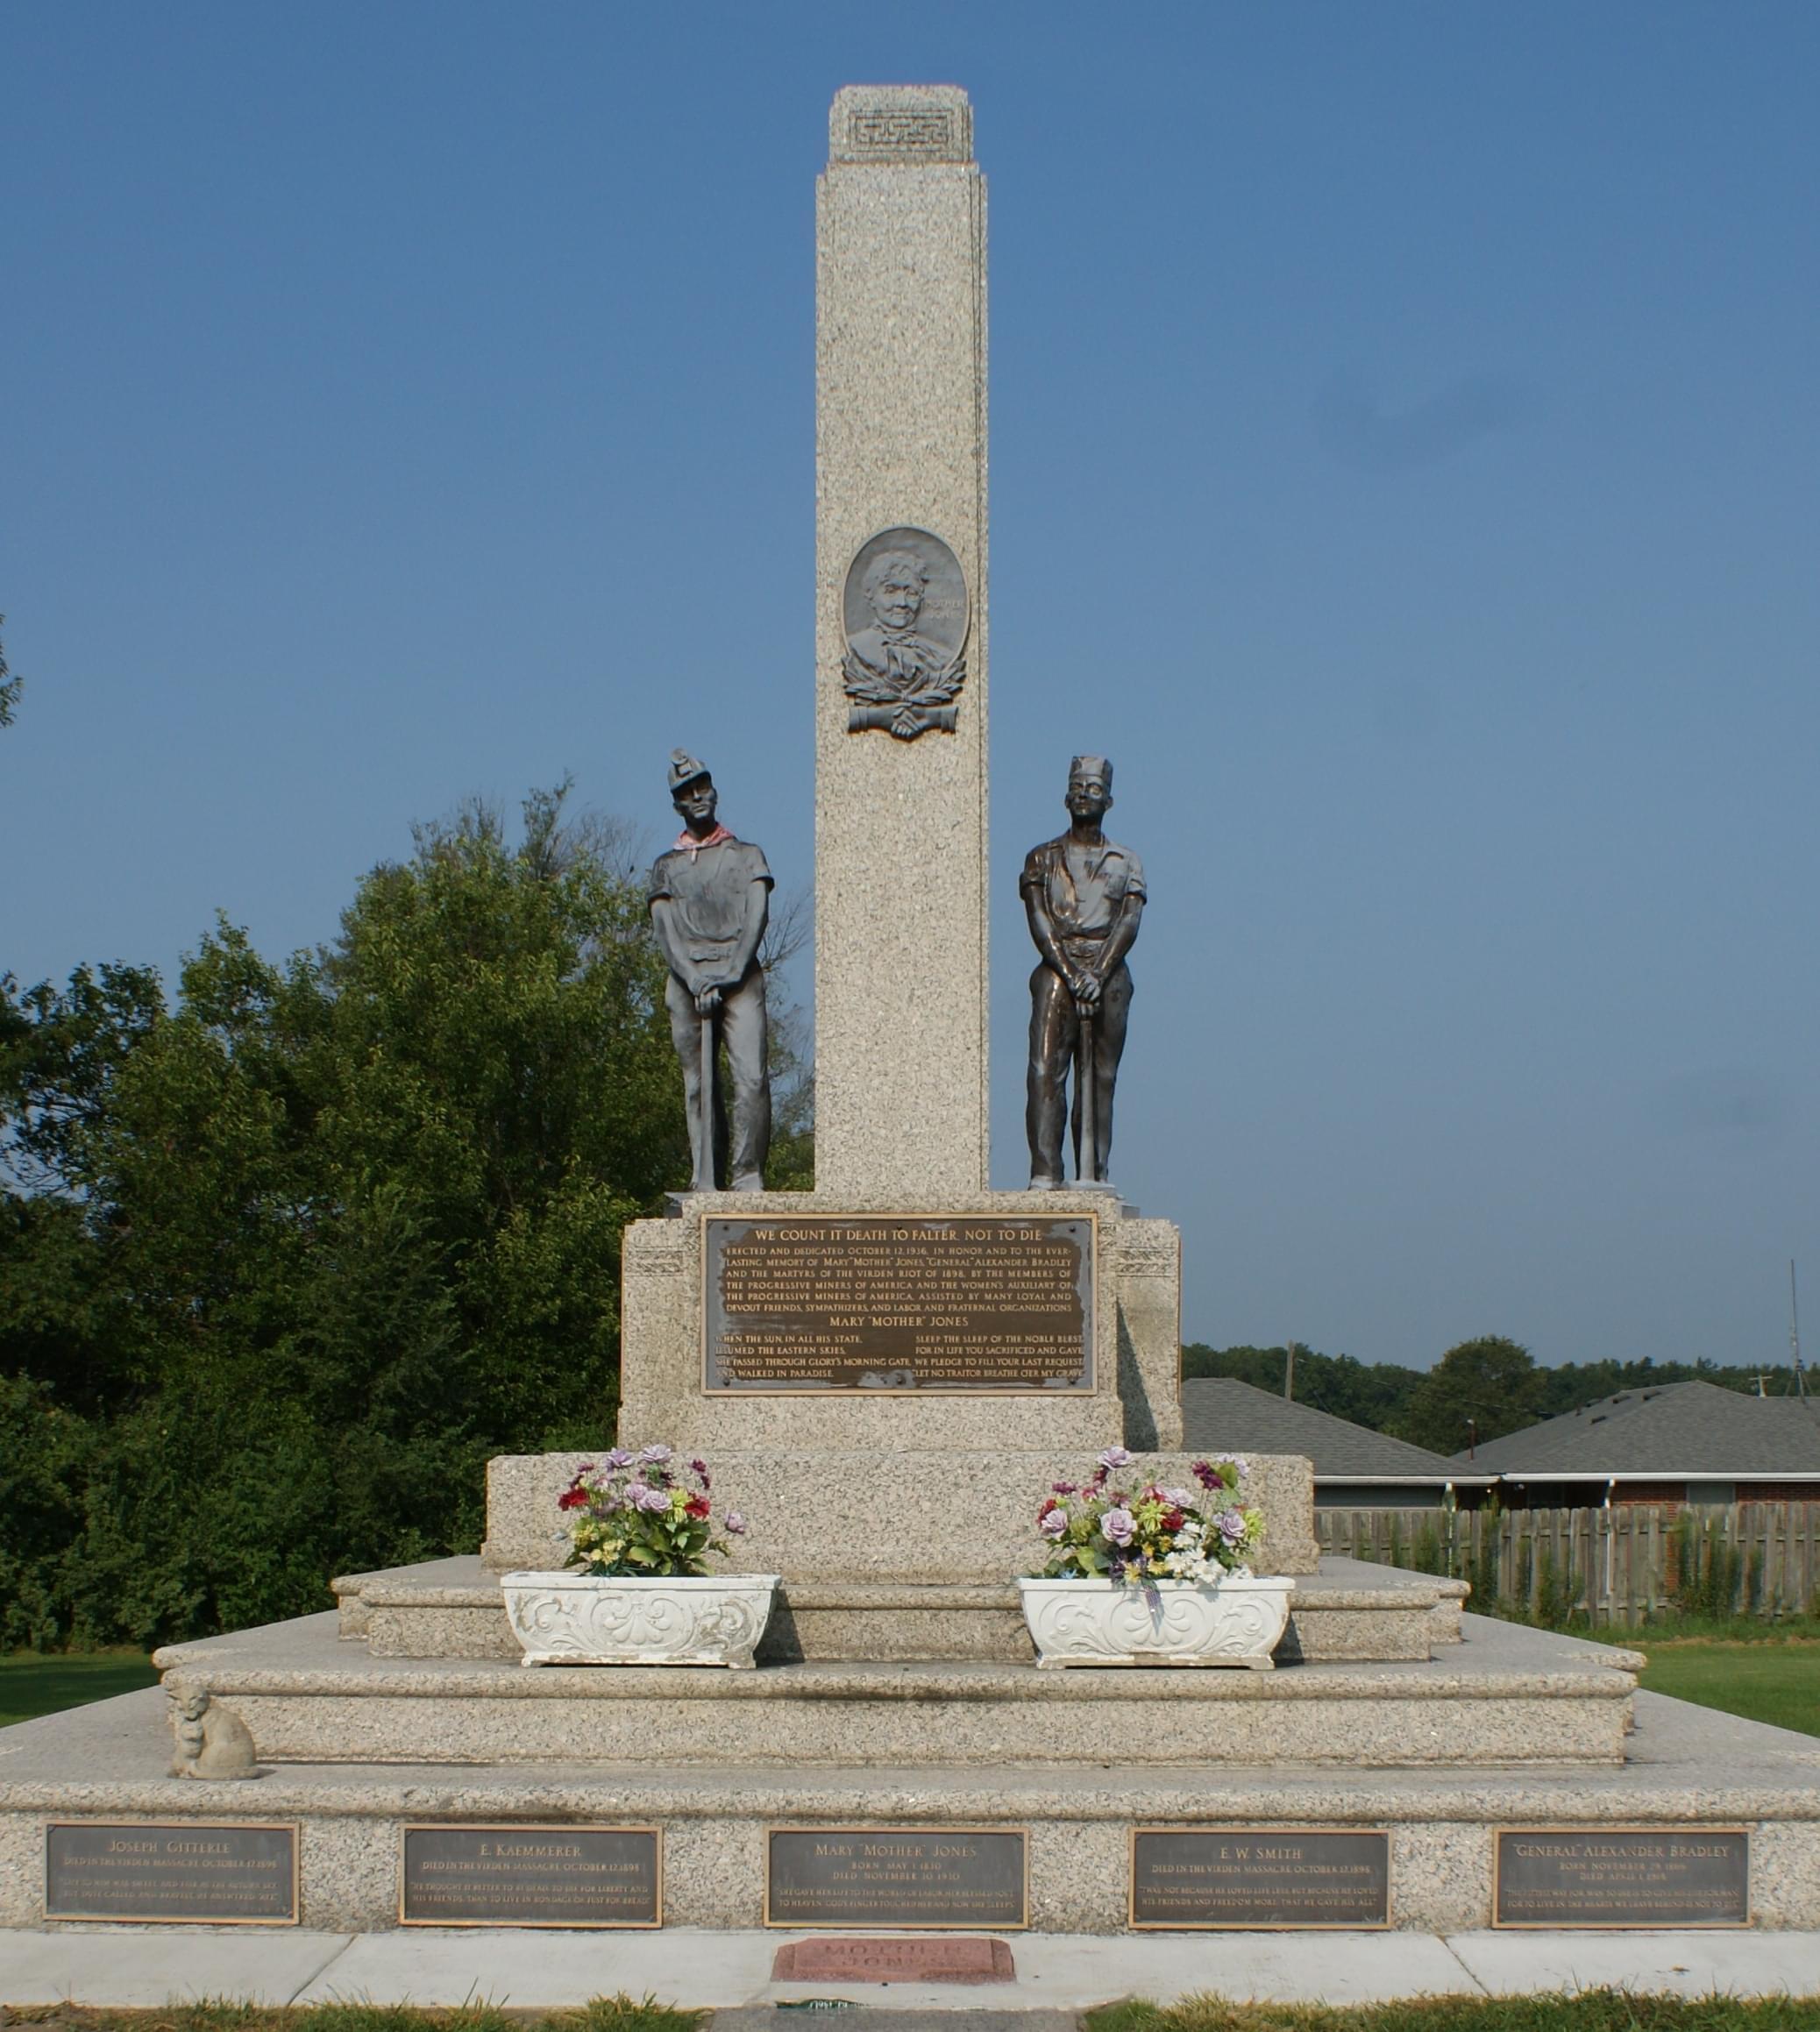 The Mother Jones Memorial in Mt. Olive Cemetery